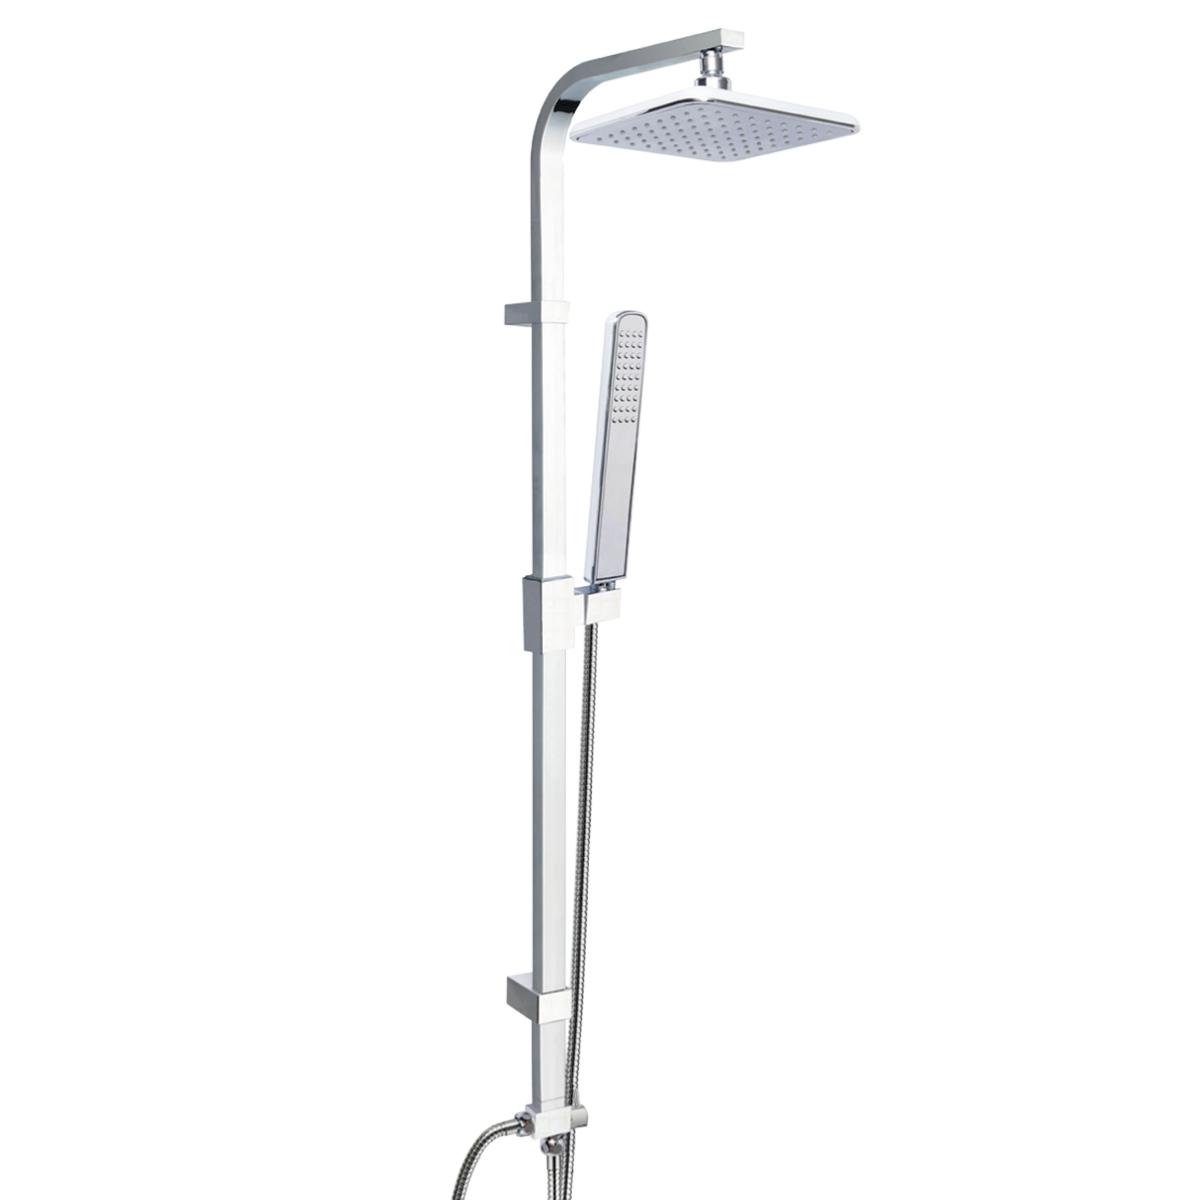 Kolumny prysznicowe